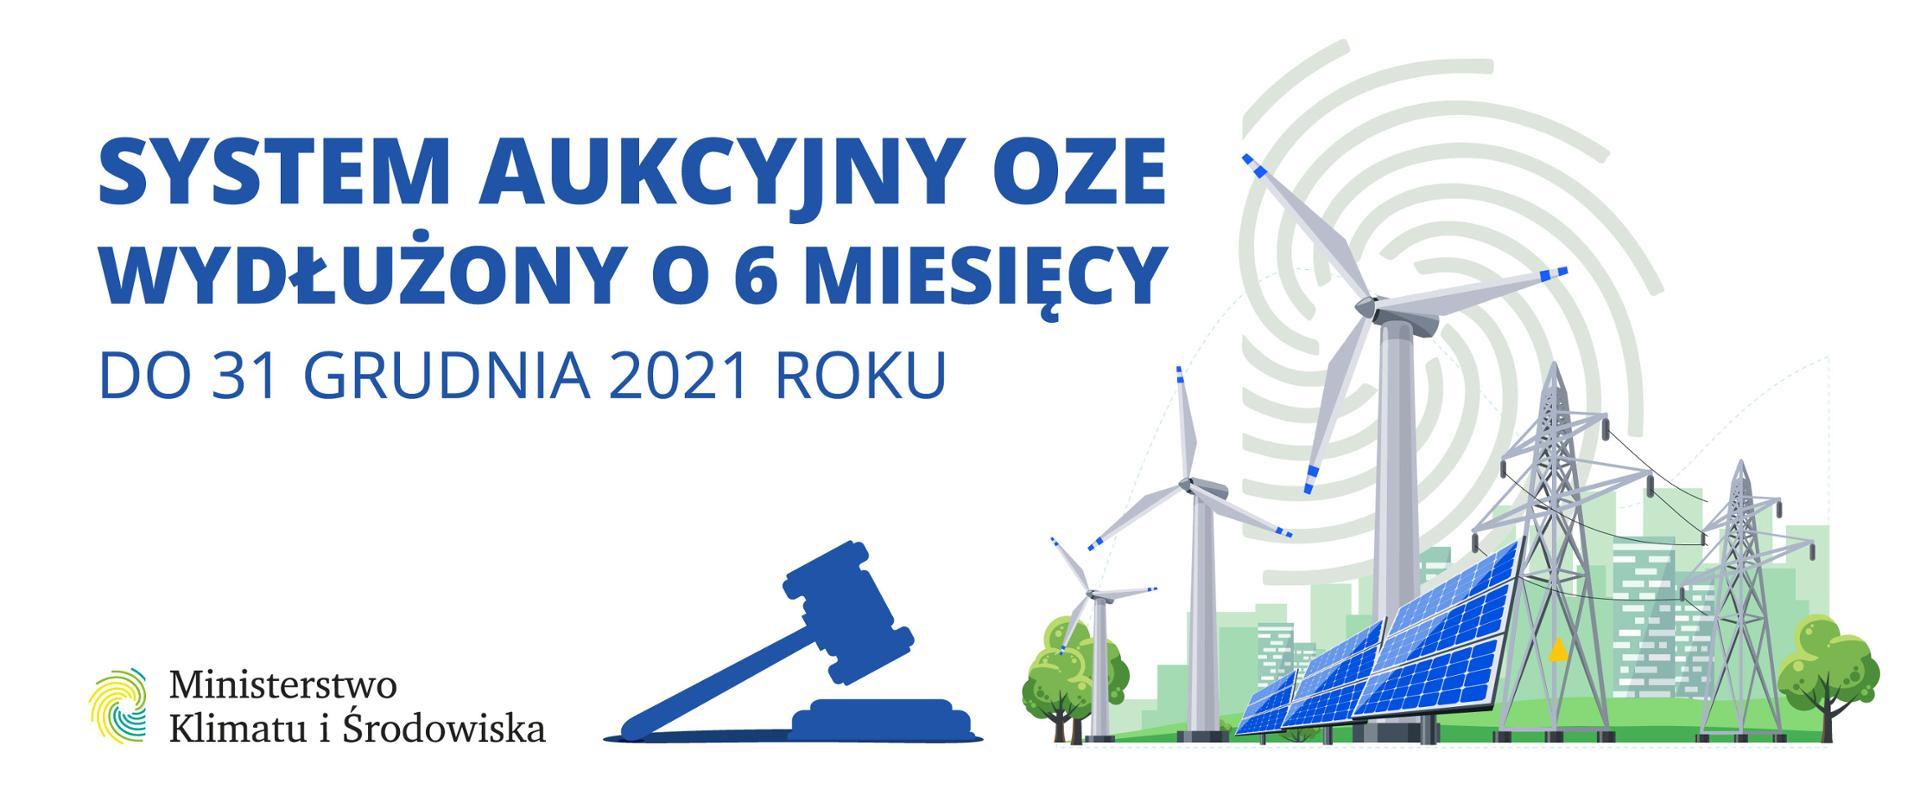 Przedłużenie aukcji dla OZE do końca 2021 r.